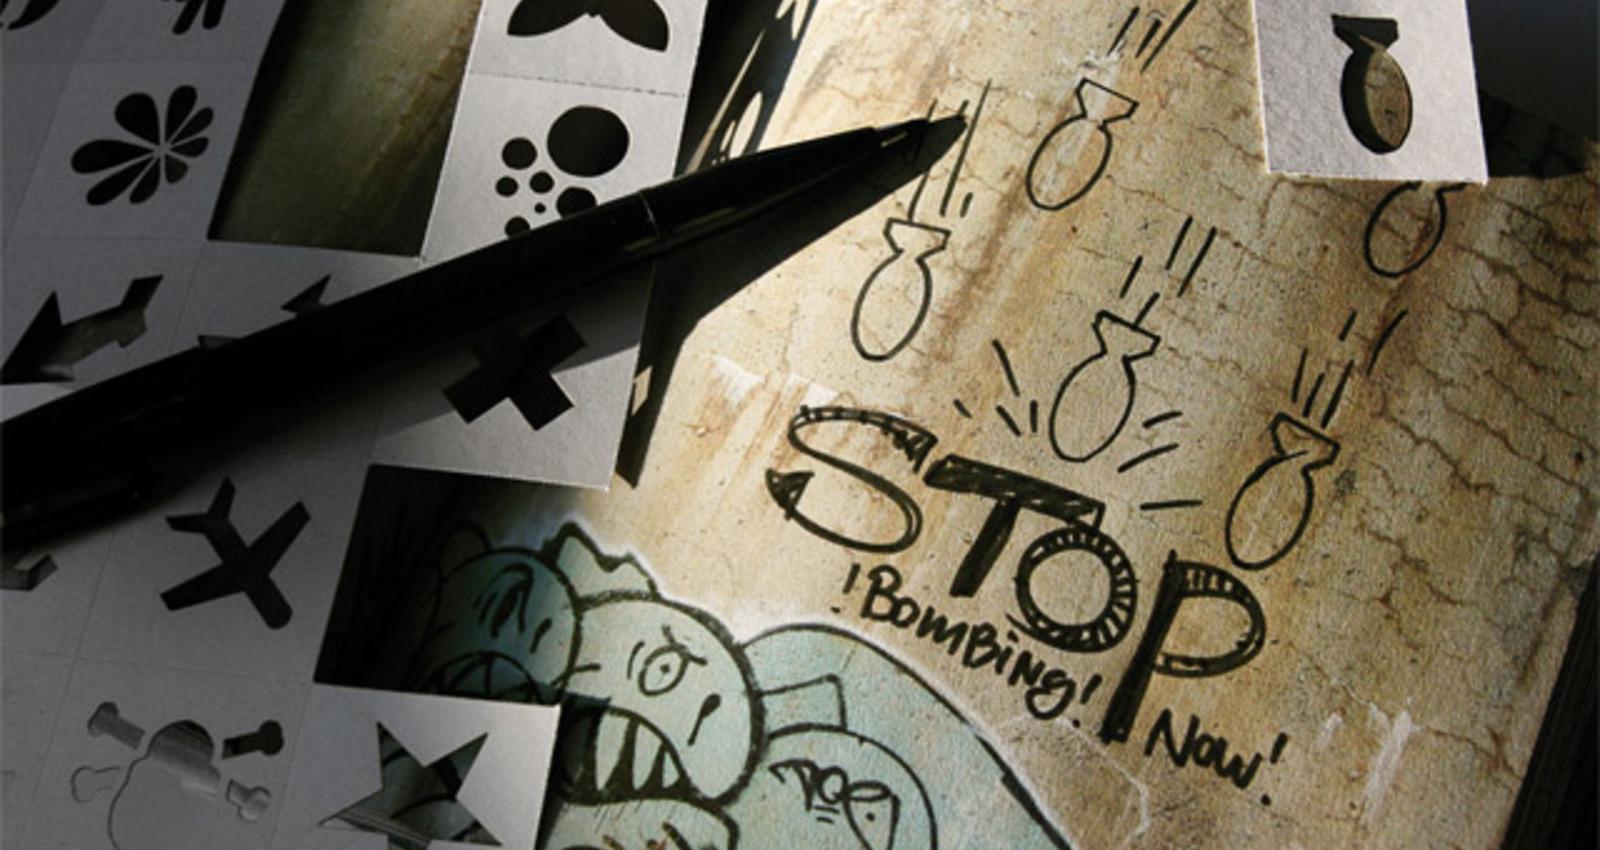 Graffititherapy